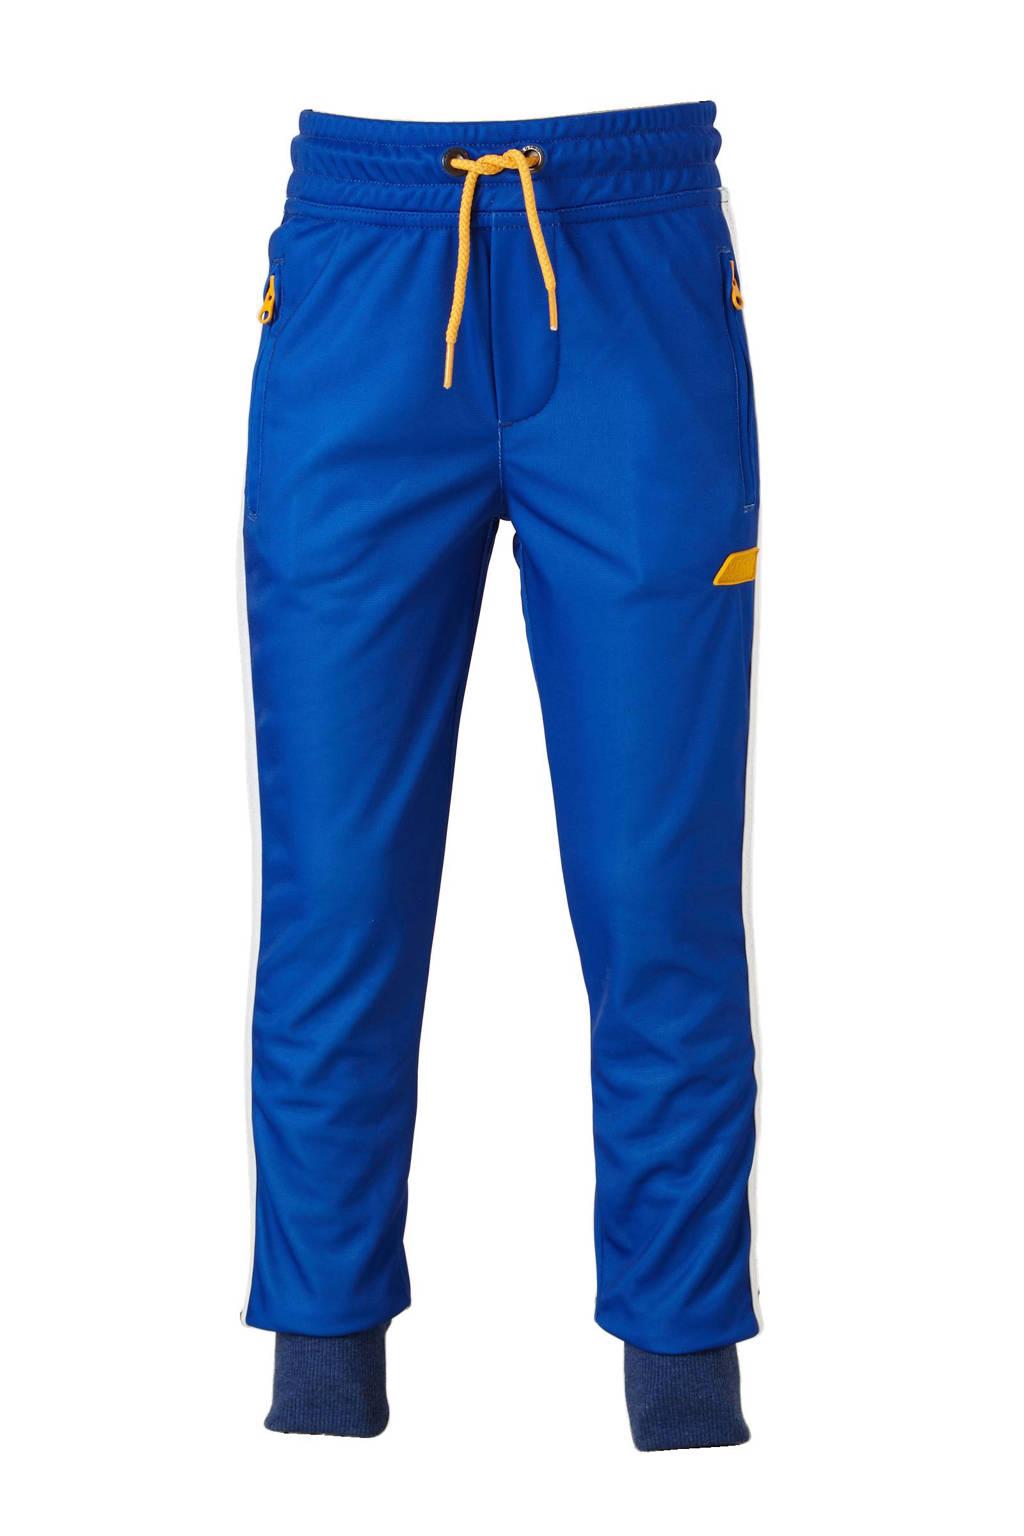 Vingino sportbroek Sorrip, Kobaltblauw/ wit/ geel